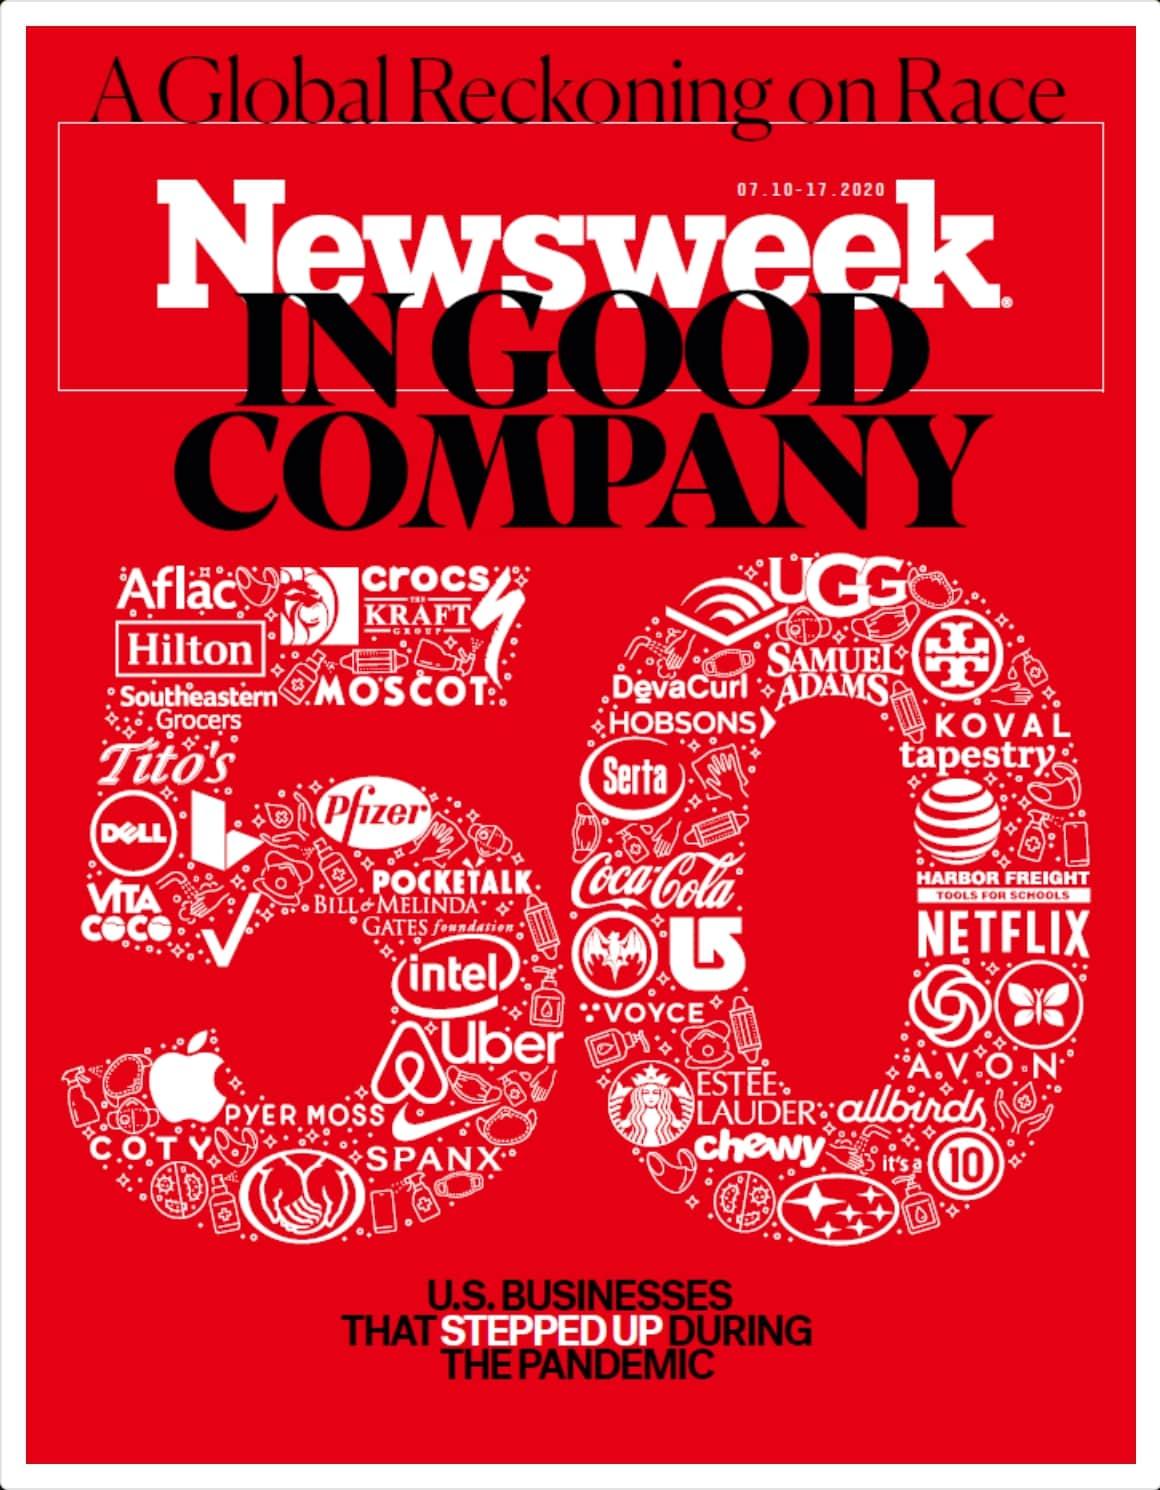 ポケトーク|Newsweek誌の「パンデミックにおけるGood company 50社」に選出